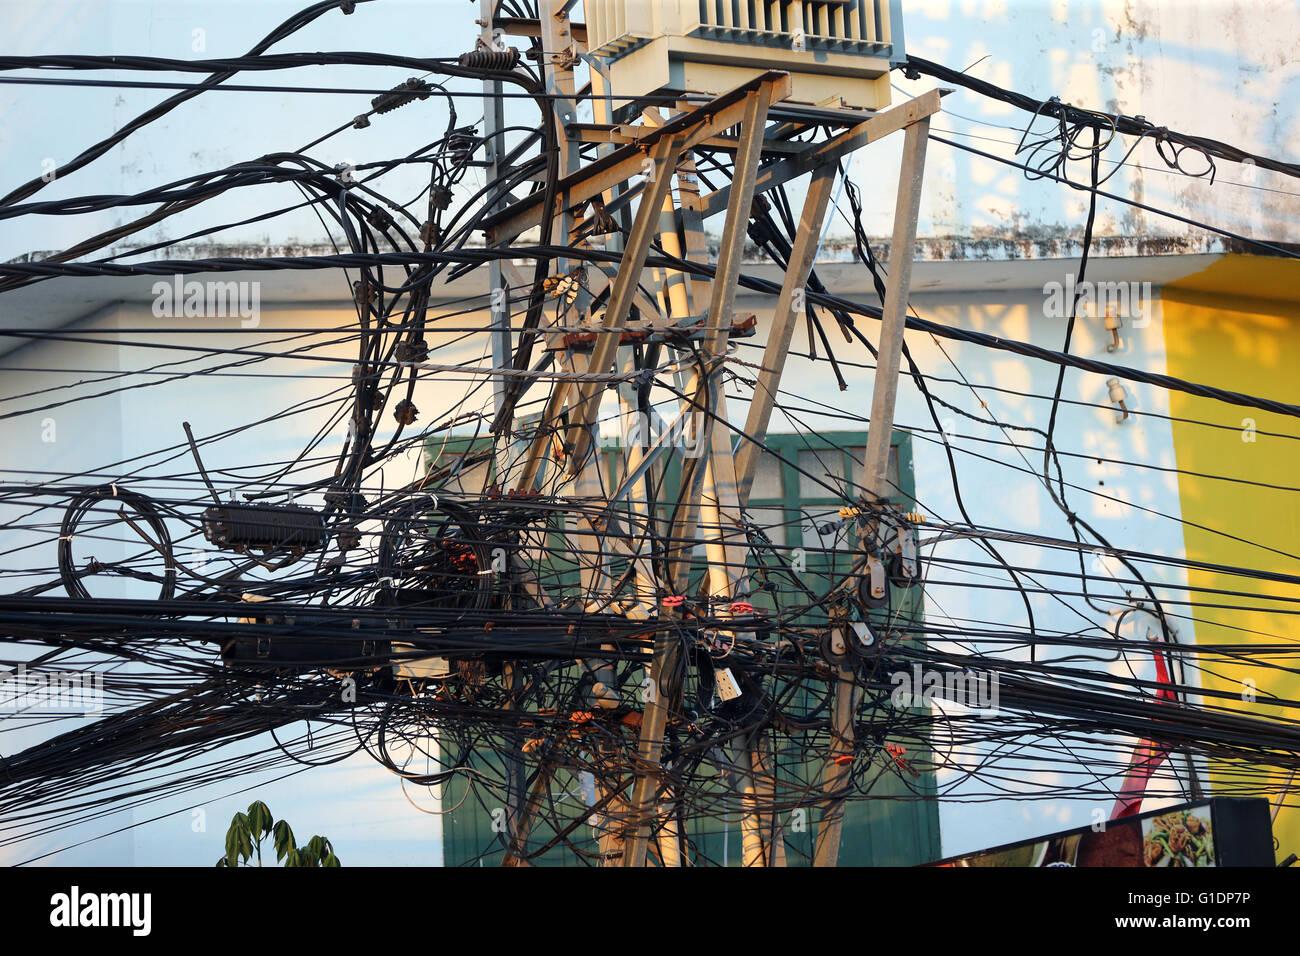 Gewirr von elektrischen Leitungen auf Elektromasten.  Vientiane. Laos. Stockbild